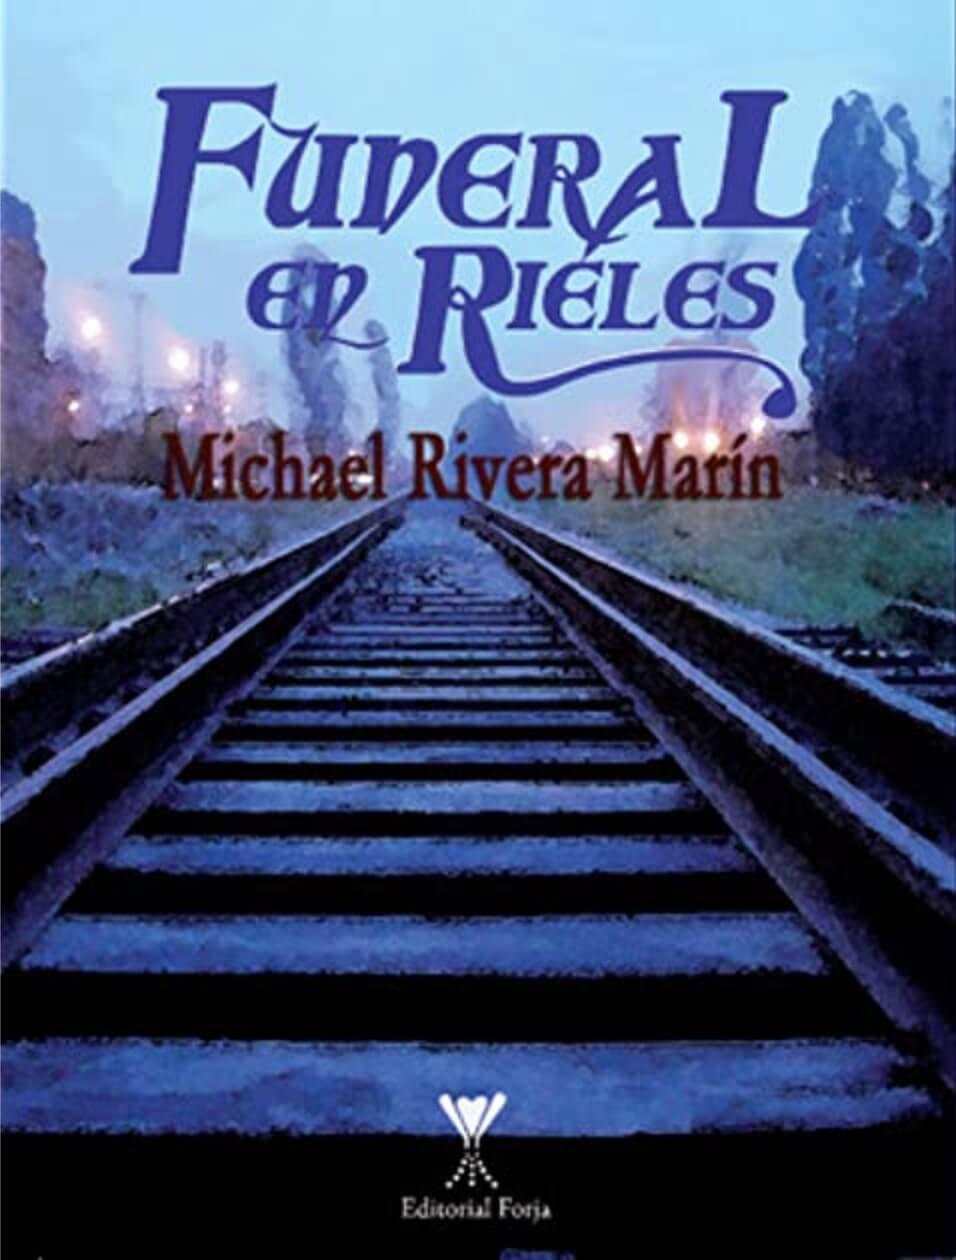 Funeral en rieles